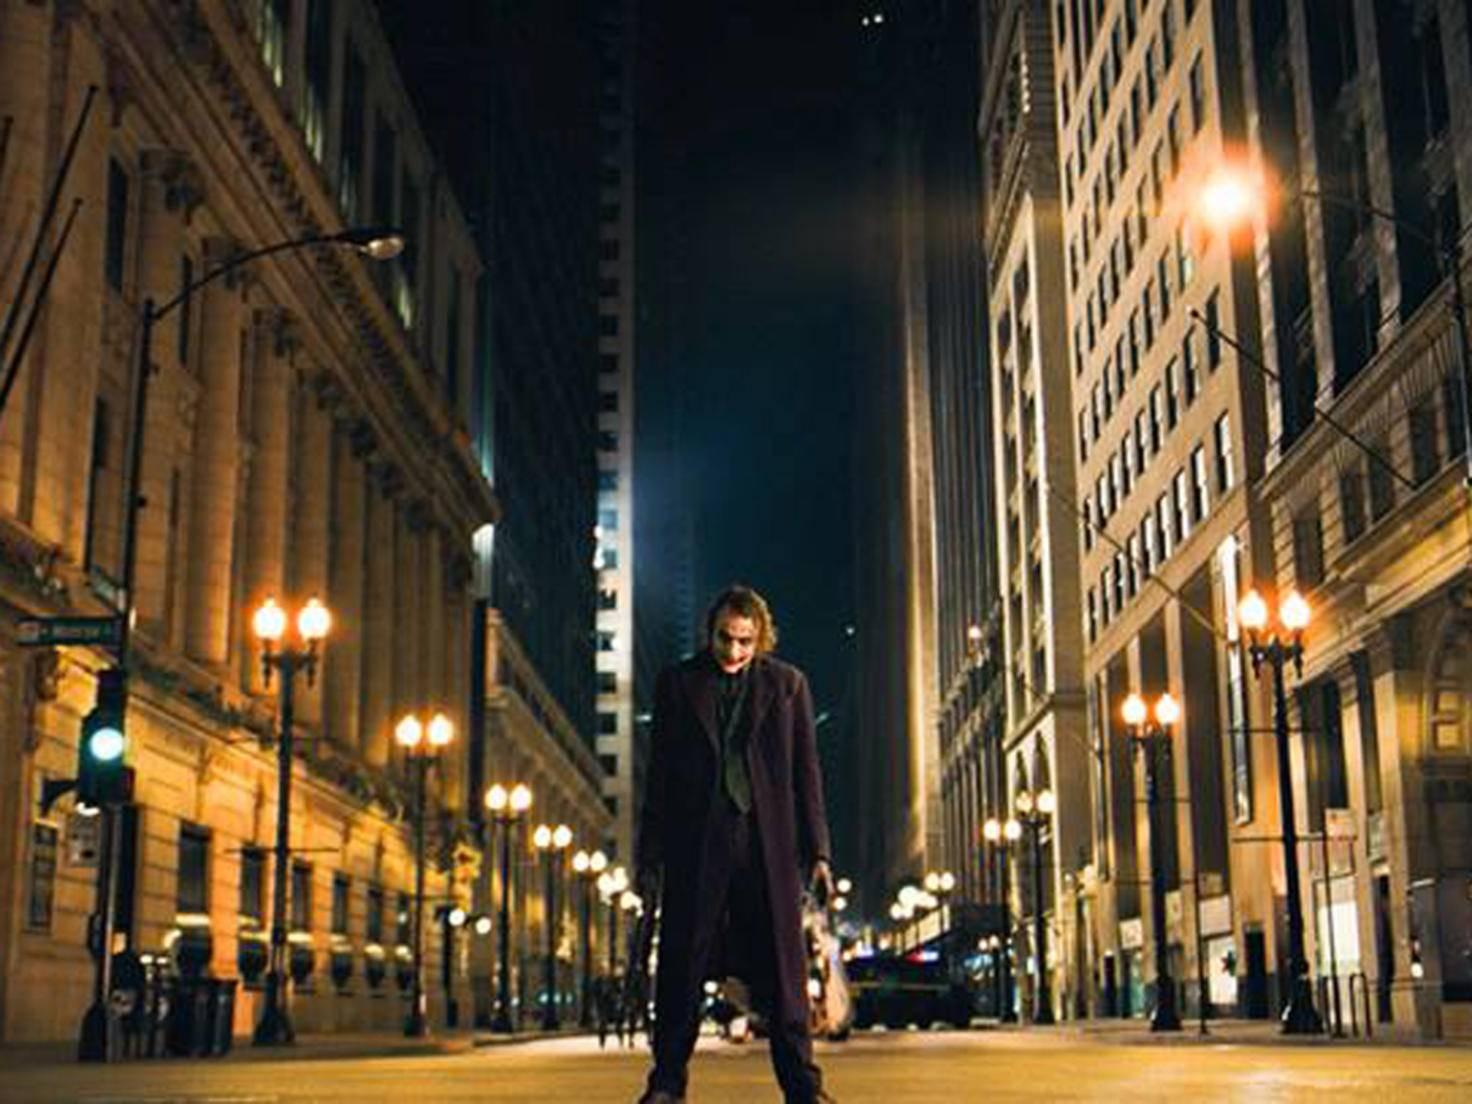 The Dark Knight_Facebook_darkknight_2